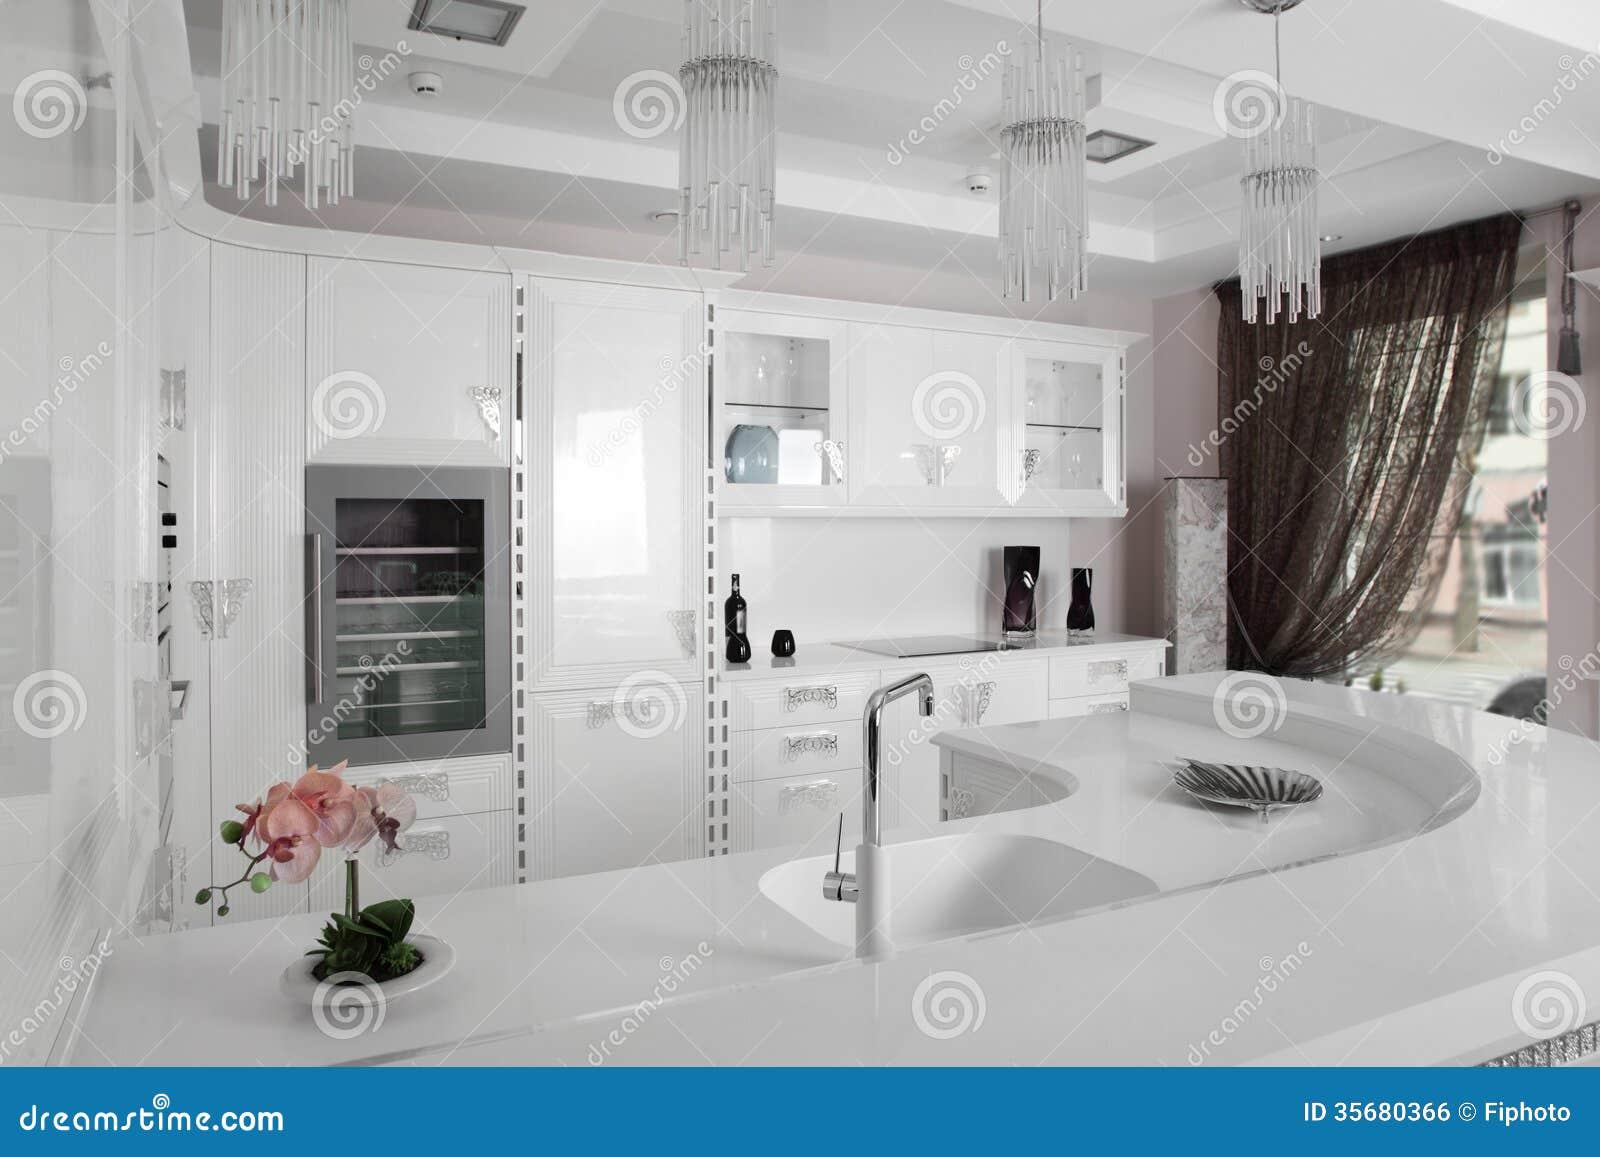 Cocina moderna blanco y negro con muebles elegantes foto for Cocinas elegantes